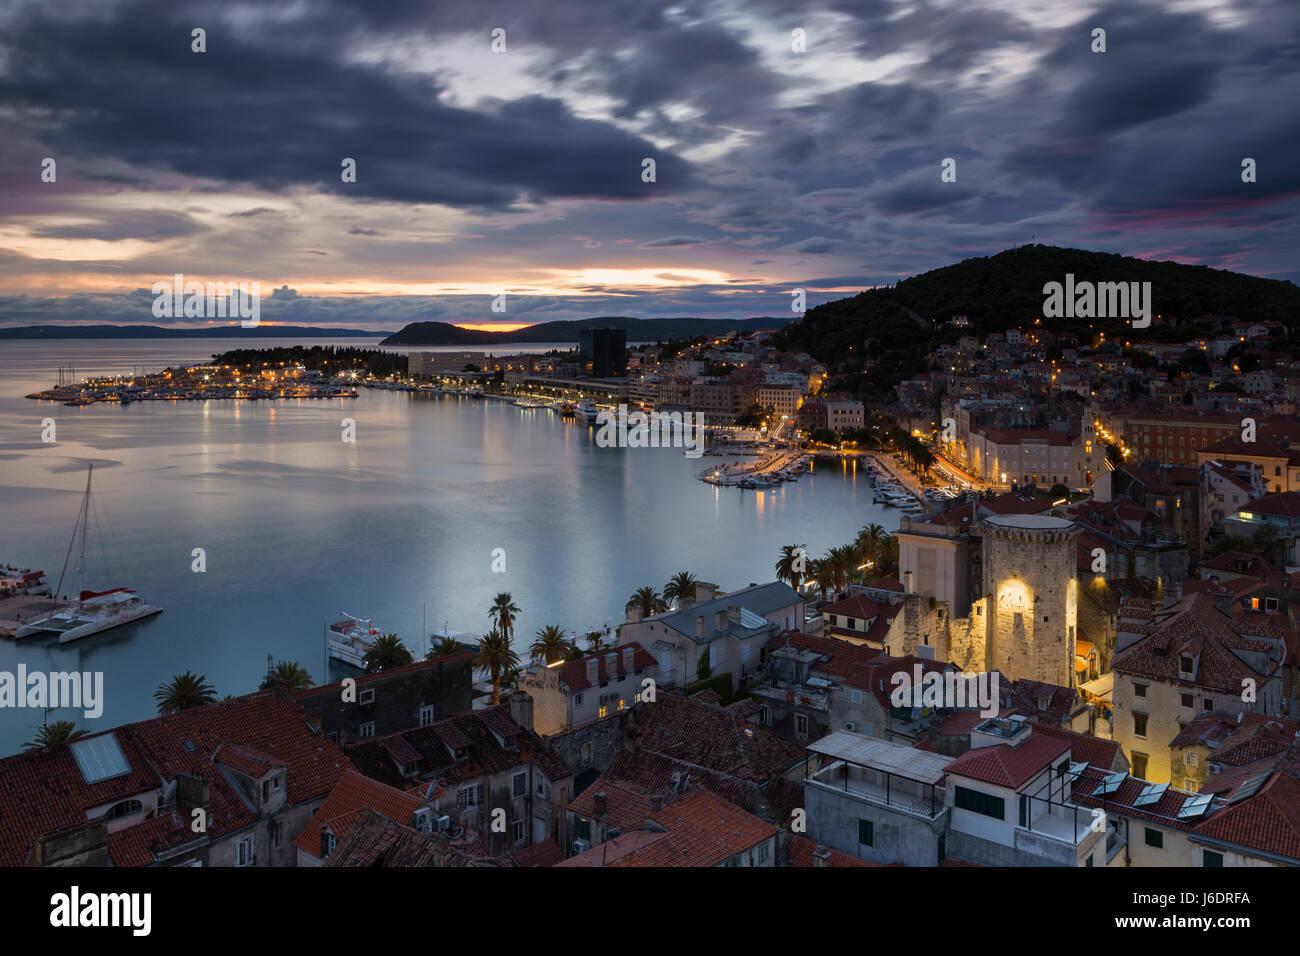 Erhöhten Blick auf die Stadt Split in der blauen Abendstunde, Kroatien Stockbild